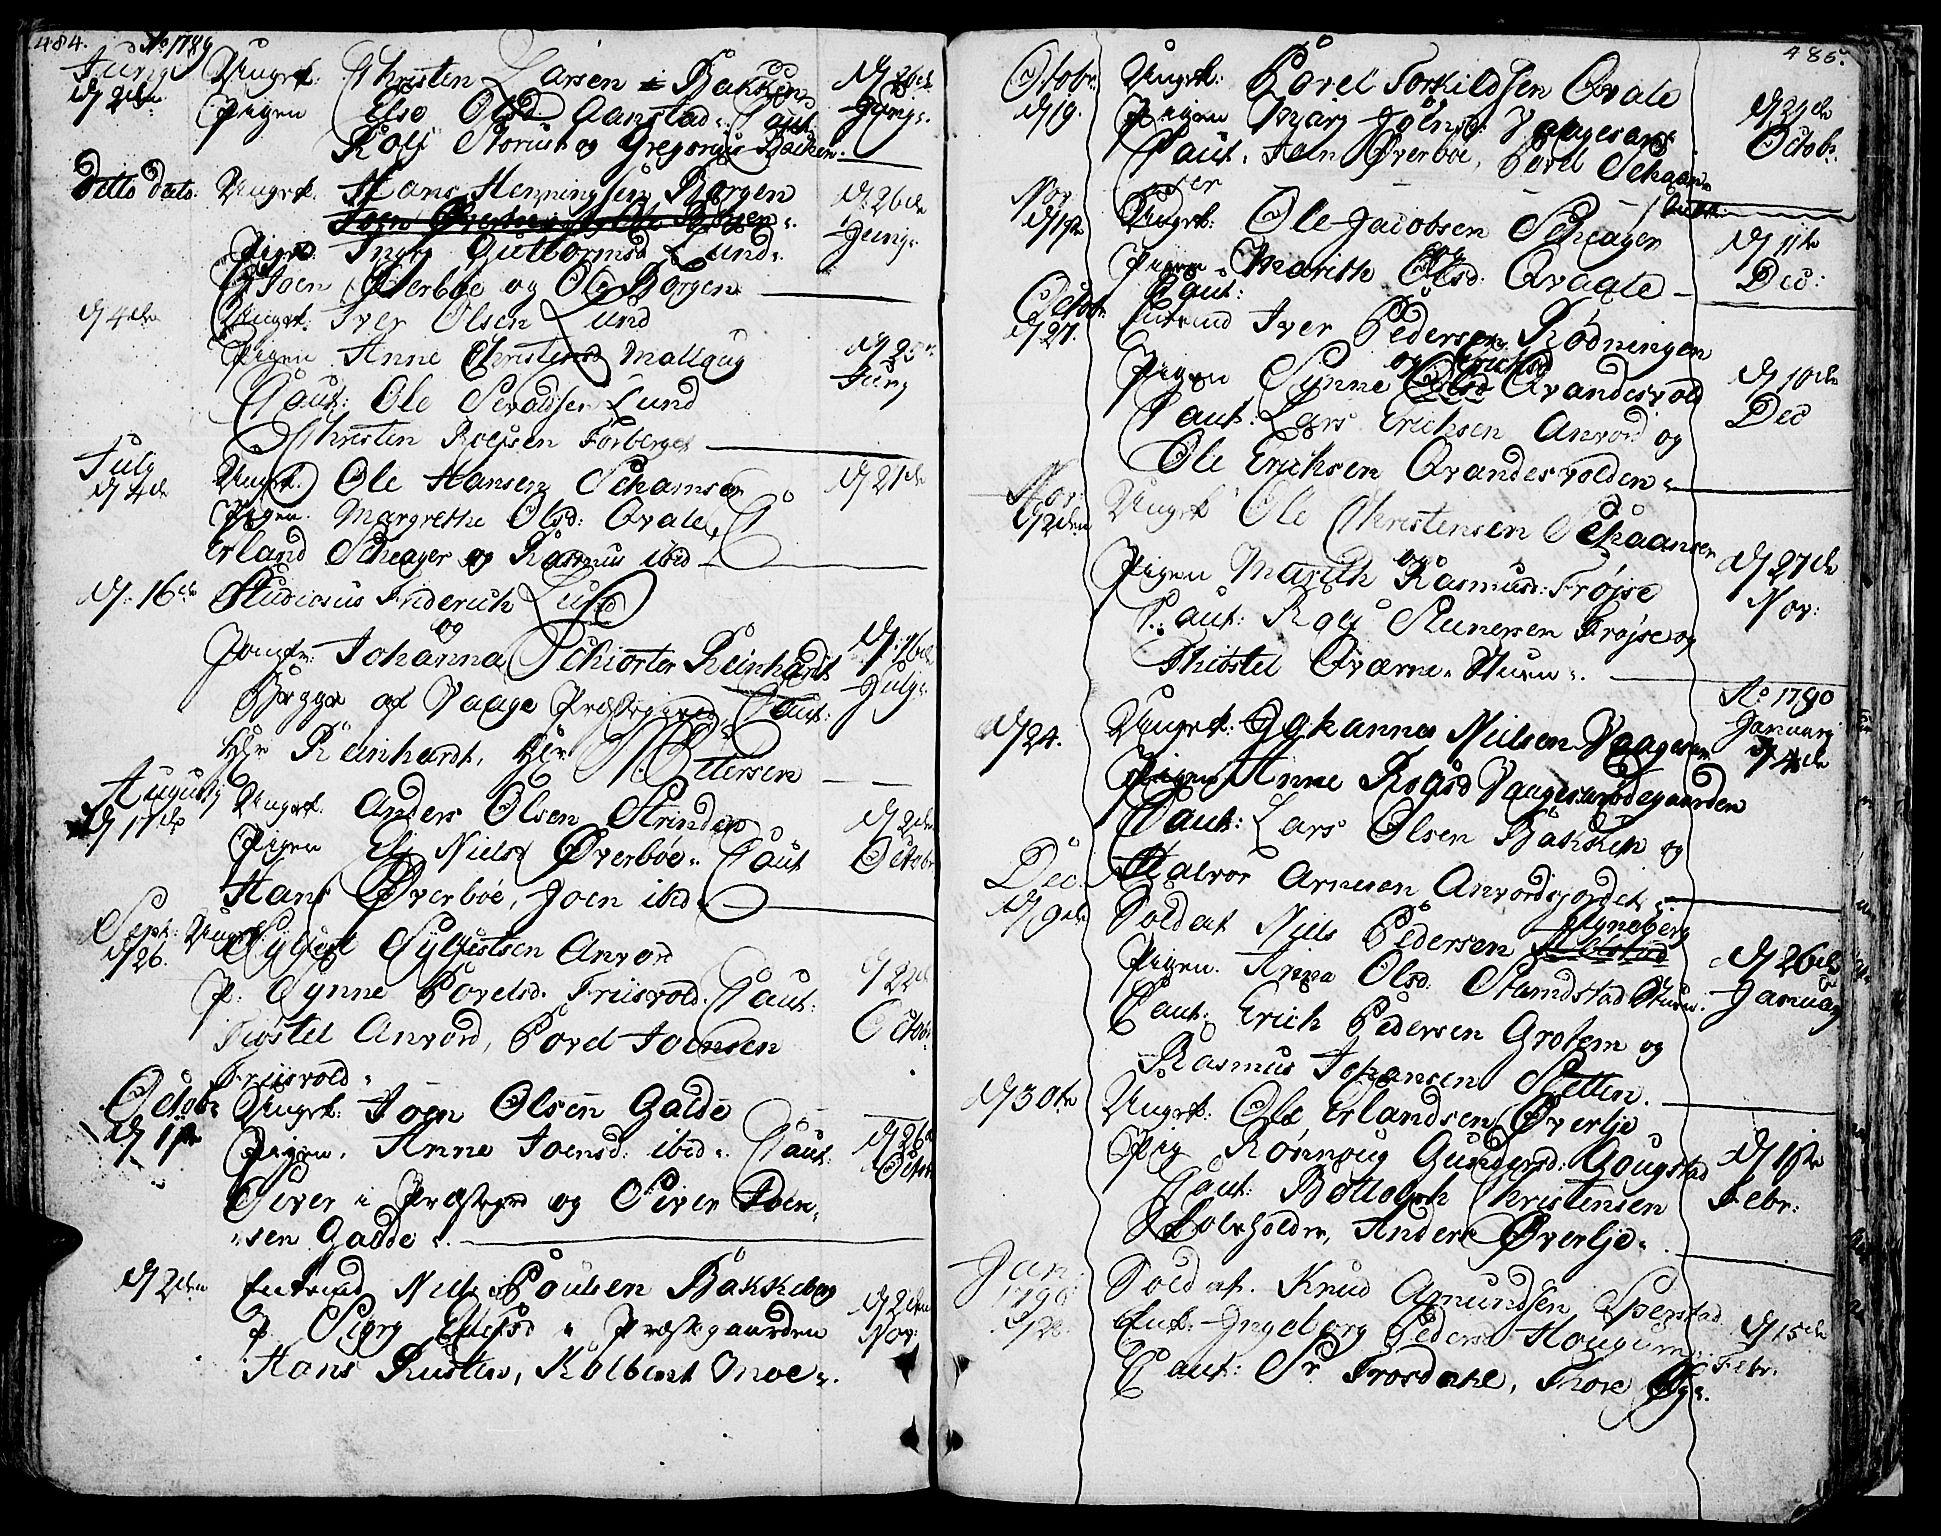 SAH, Lom prestekontor, K/L0002: Ministerialbok nr. 2, 1749-1801, s. 484-485